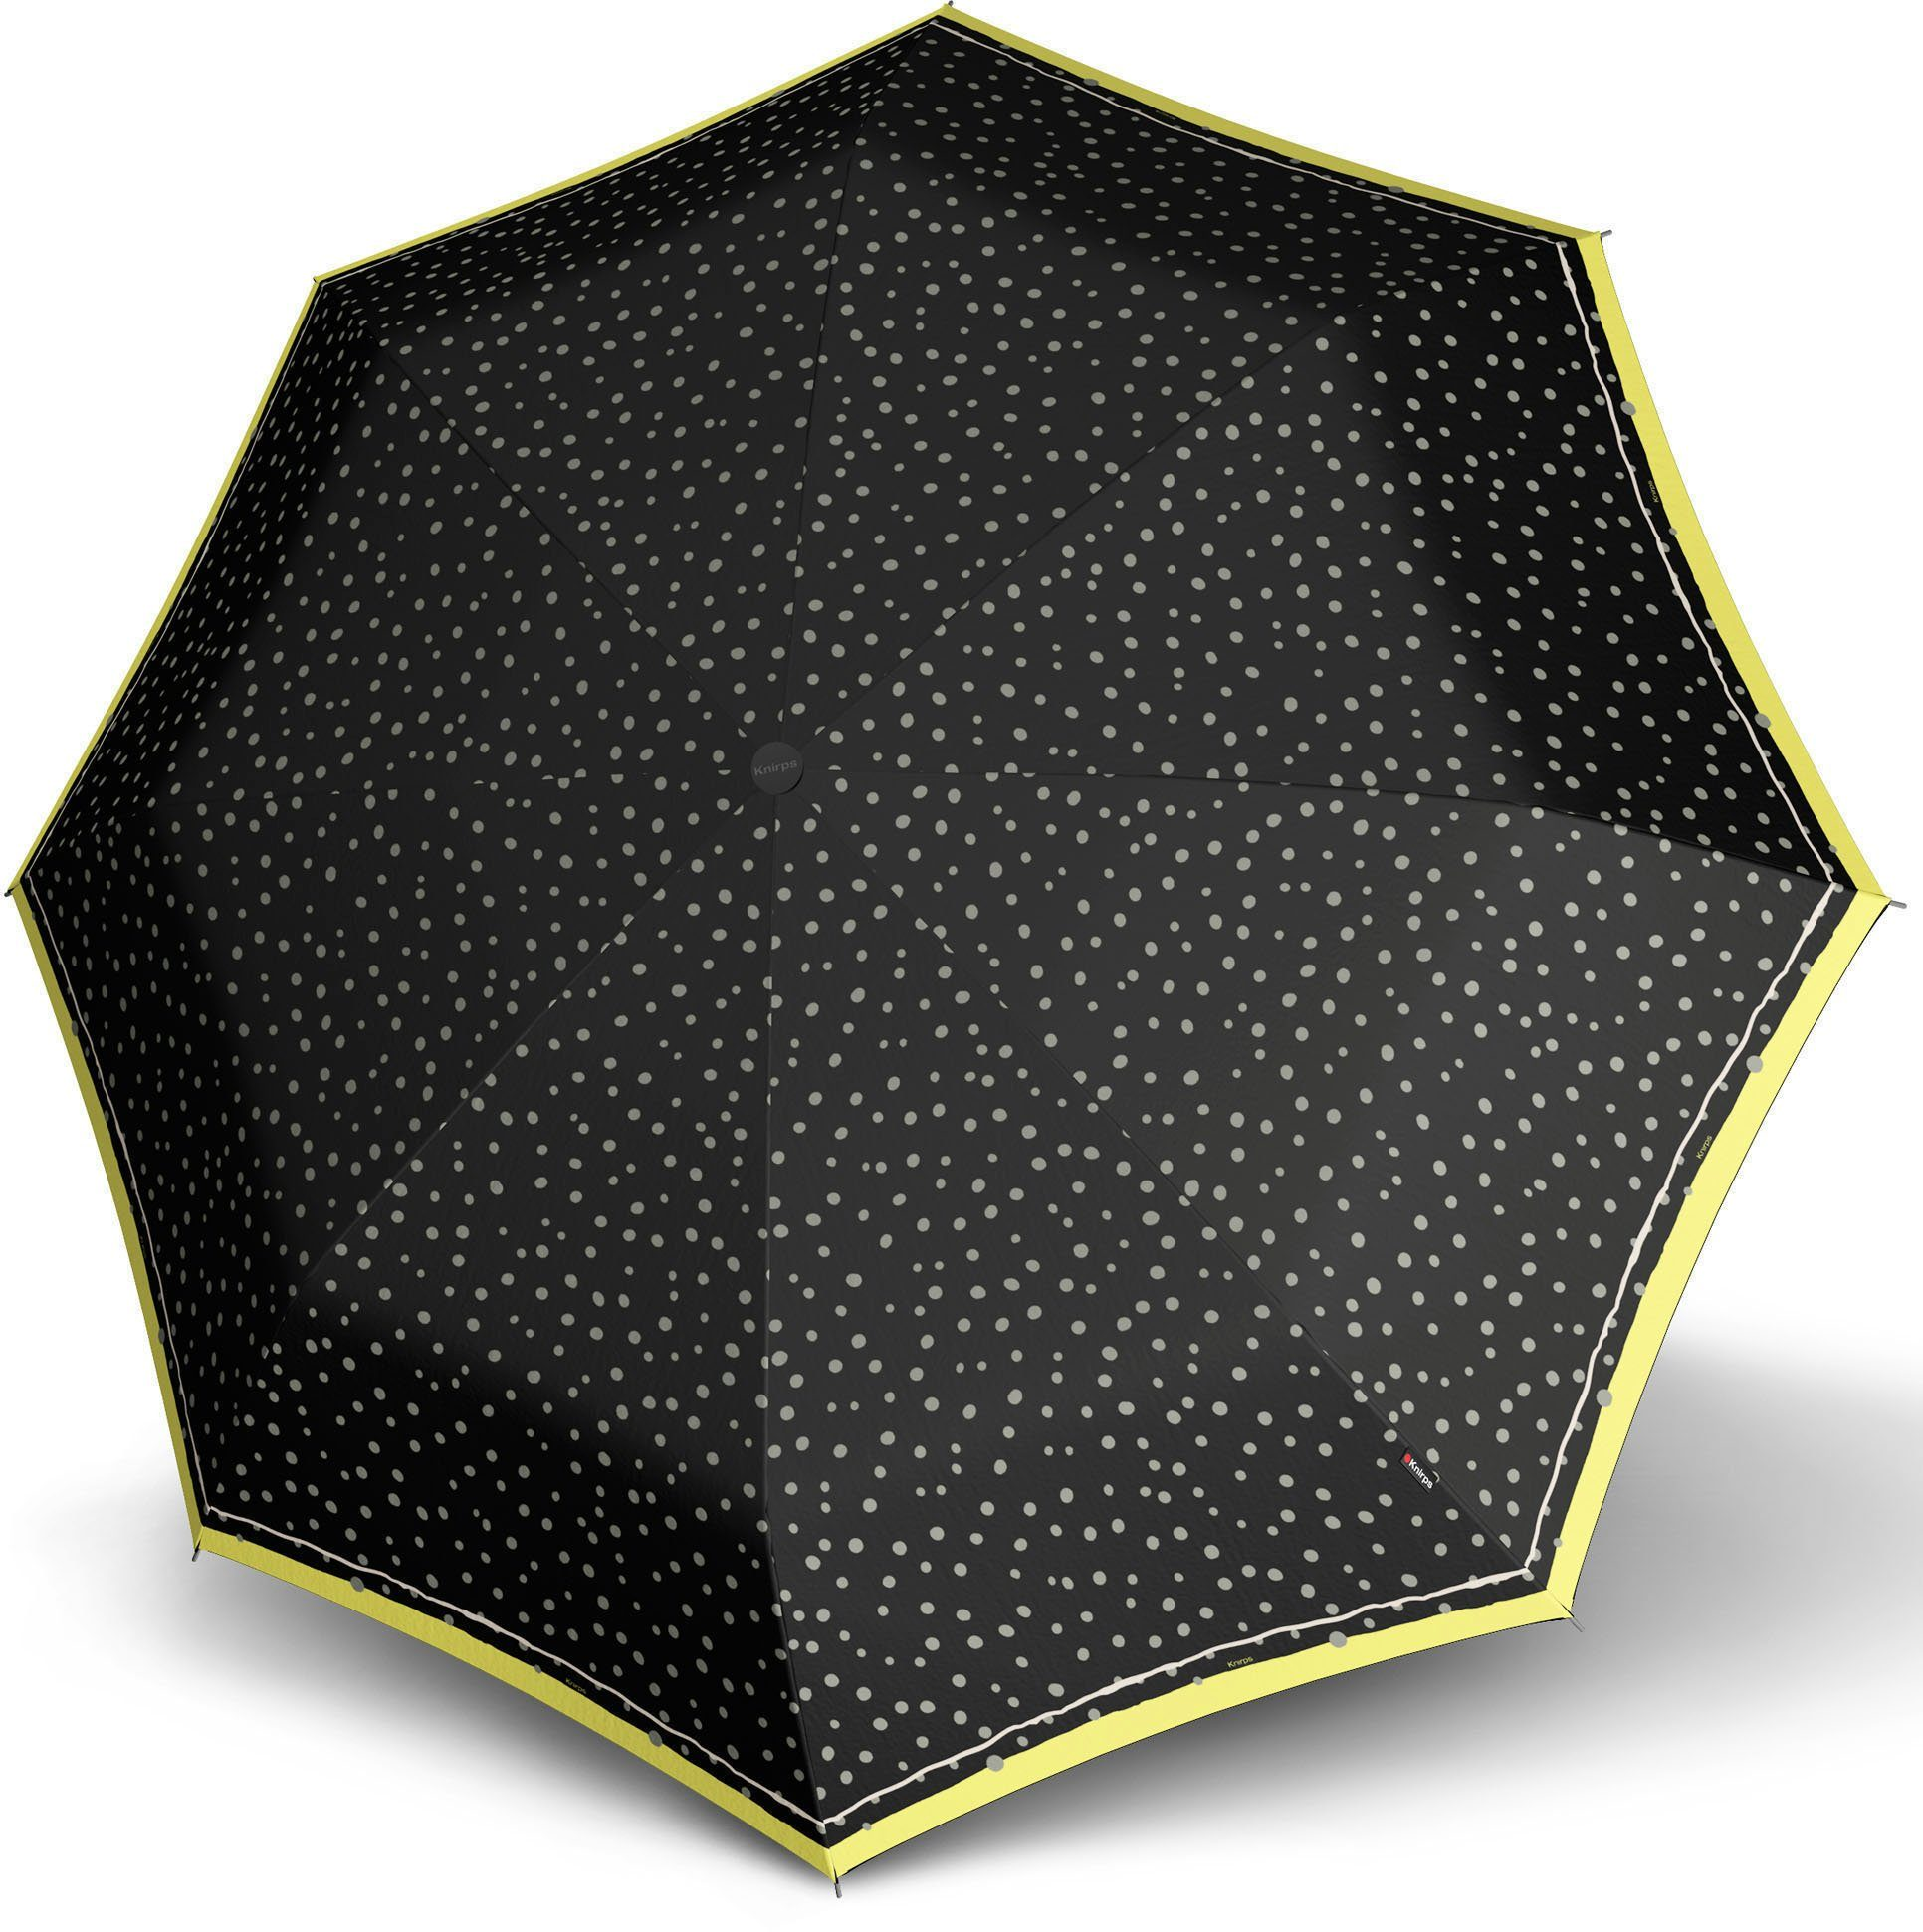 Knirps® Regenschirm, »Taschenschirm X1 flakes black«